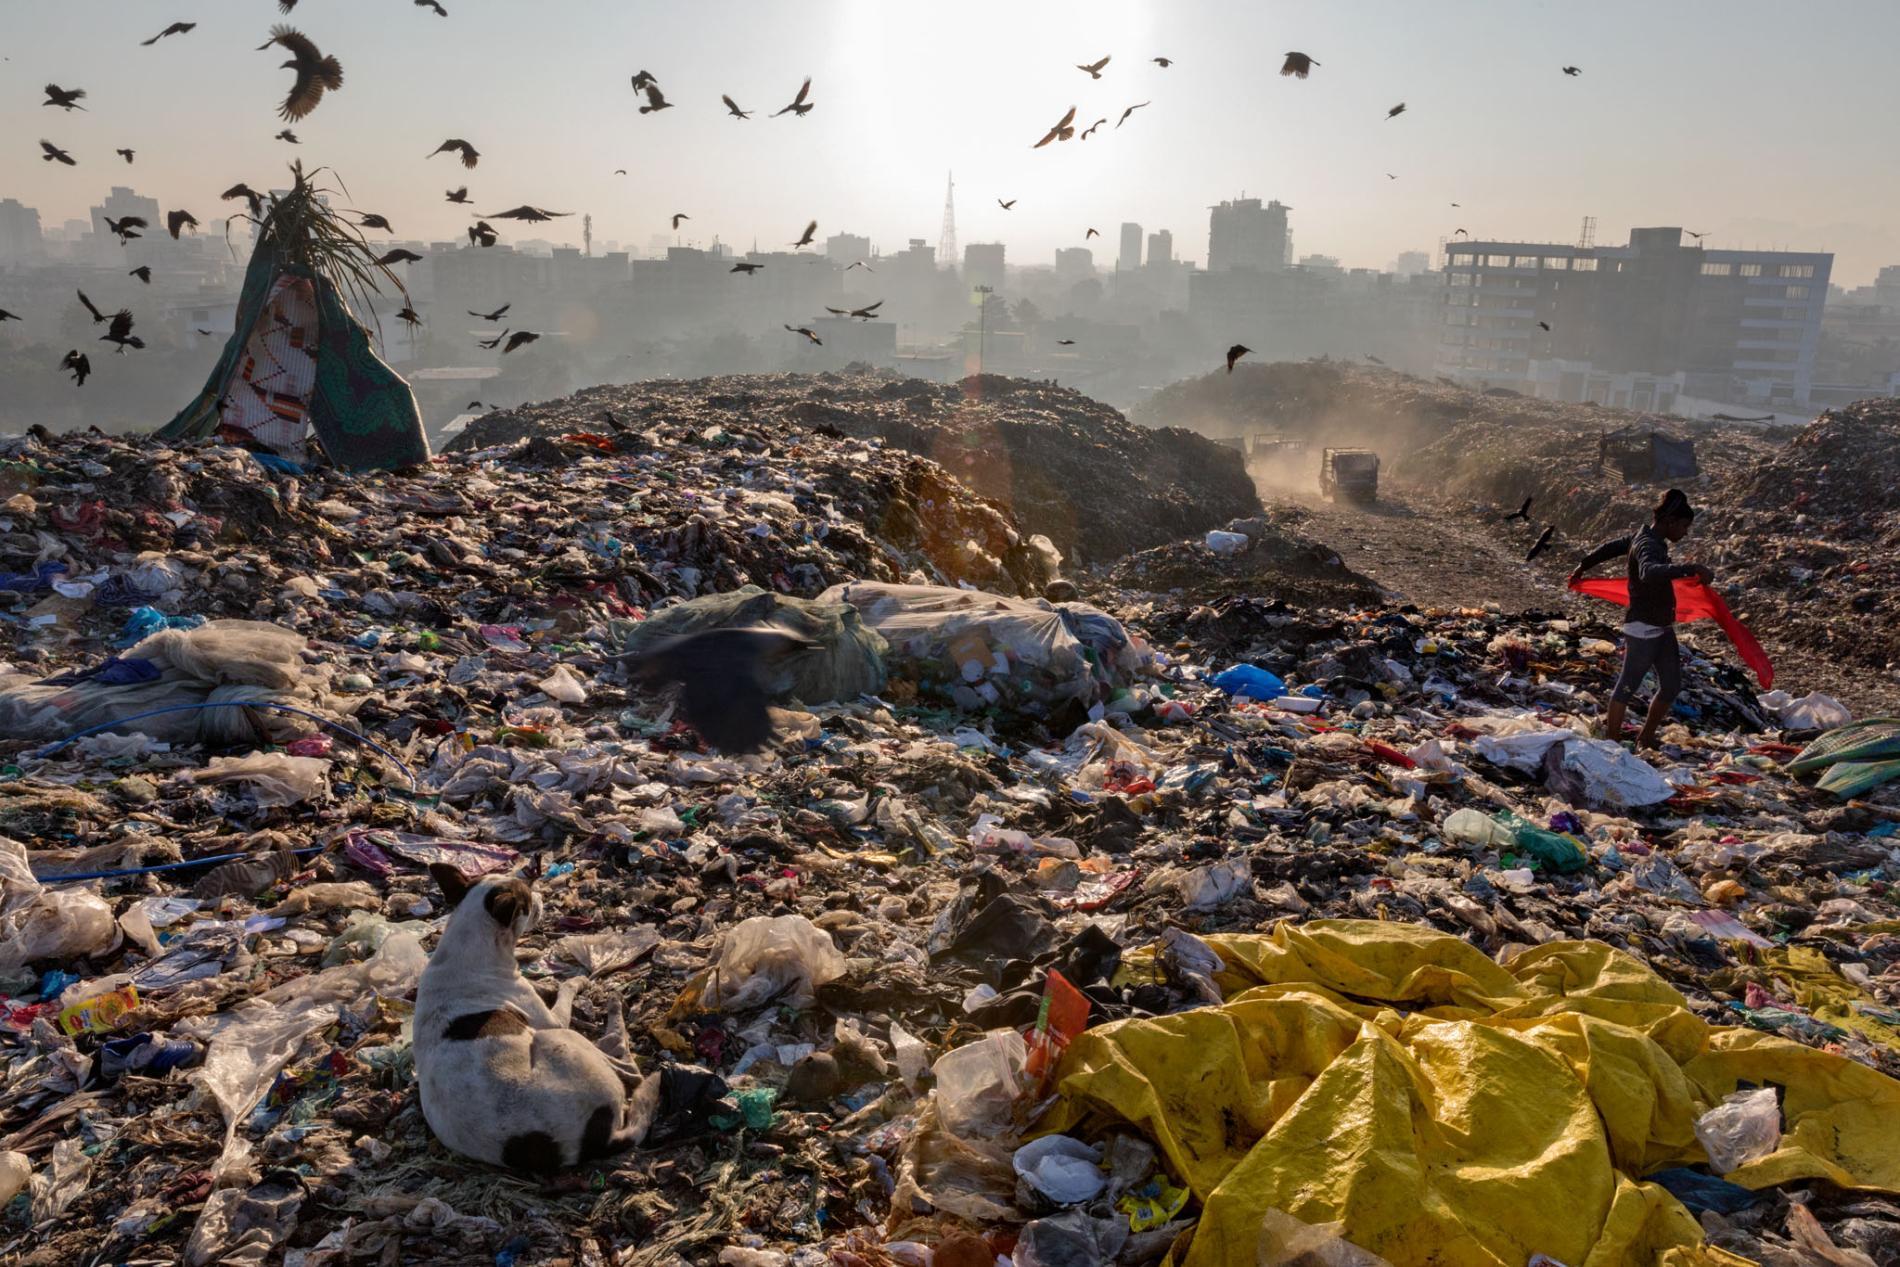 لماذا نعتمد كثيرًا على البلاستيك - المواد البديلة وتقنيات إدارة النفايات المتقدمة لحماية بيئتنا - المشكلة الأكثر خطورة هي مدى صعوبة تحليل المواد البلاستيكية